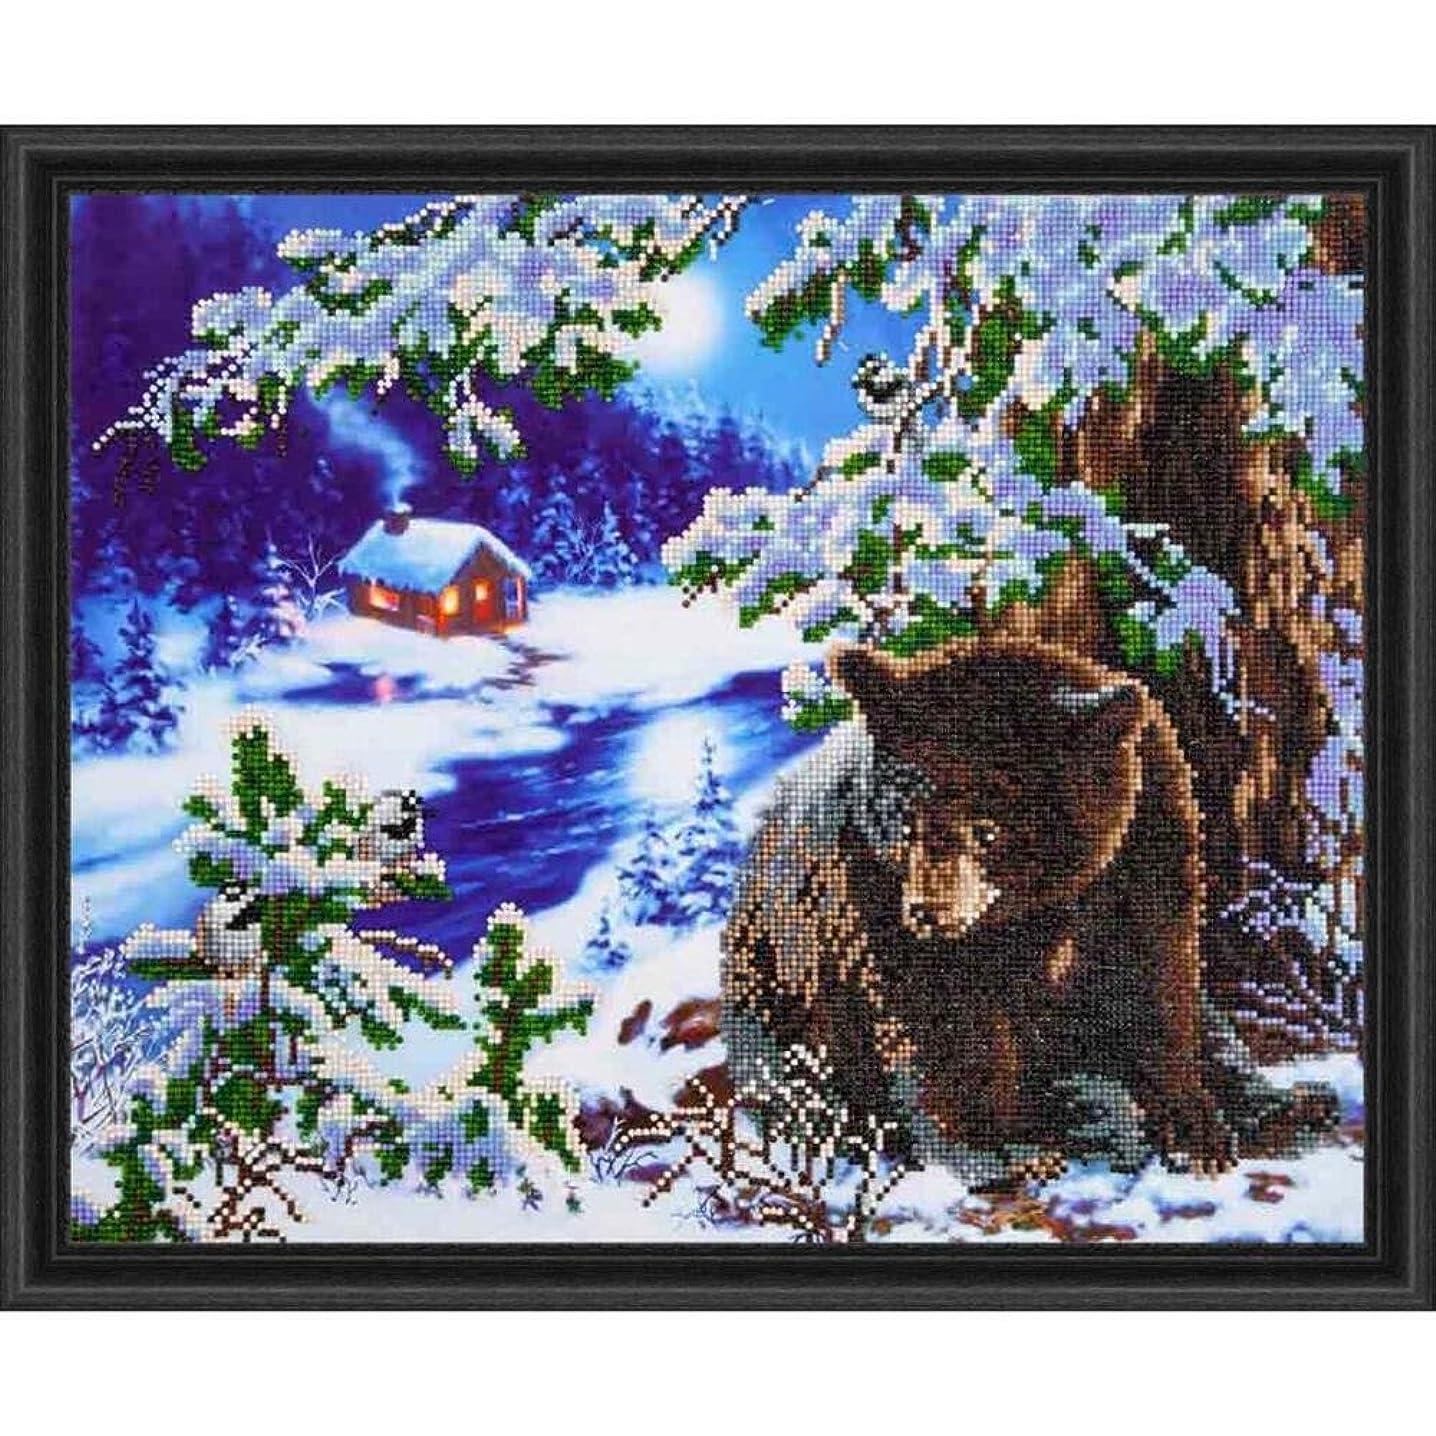 Needleart World Rambling Bear Diamond Embroidery Kit